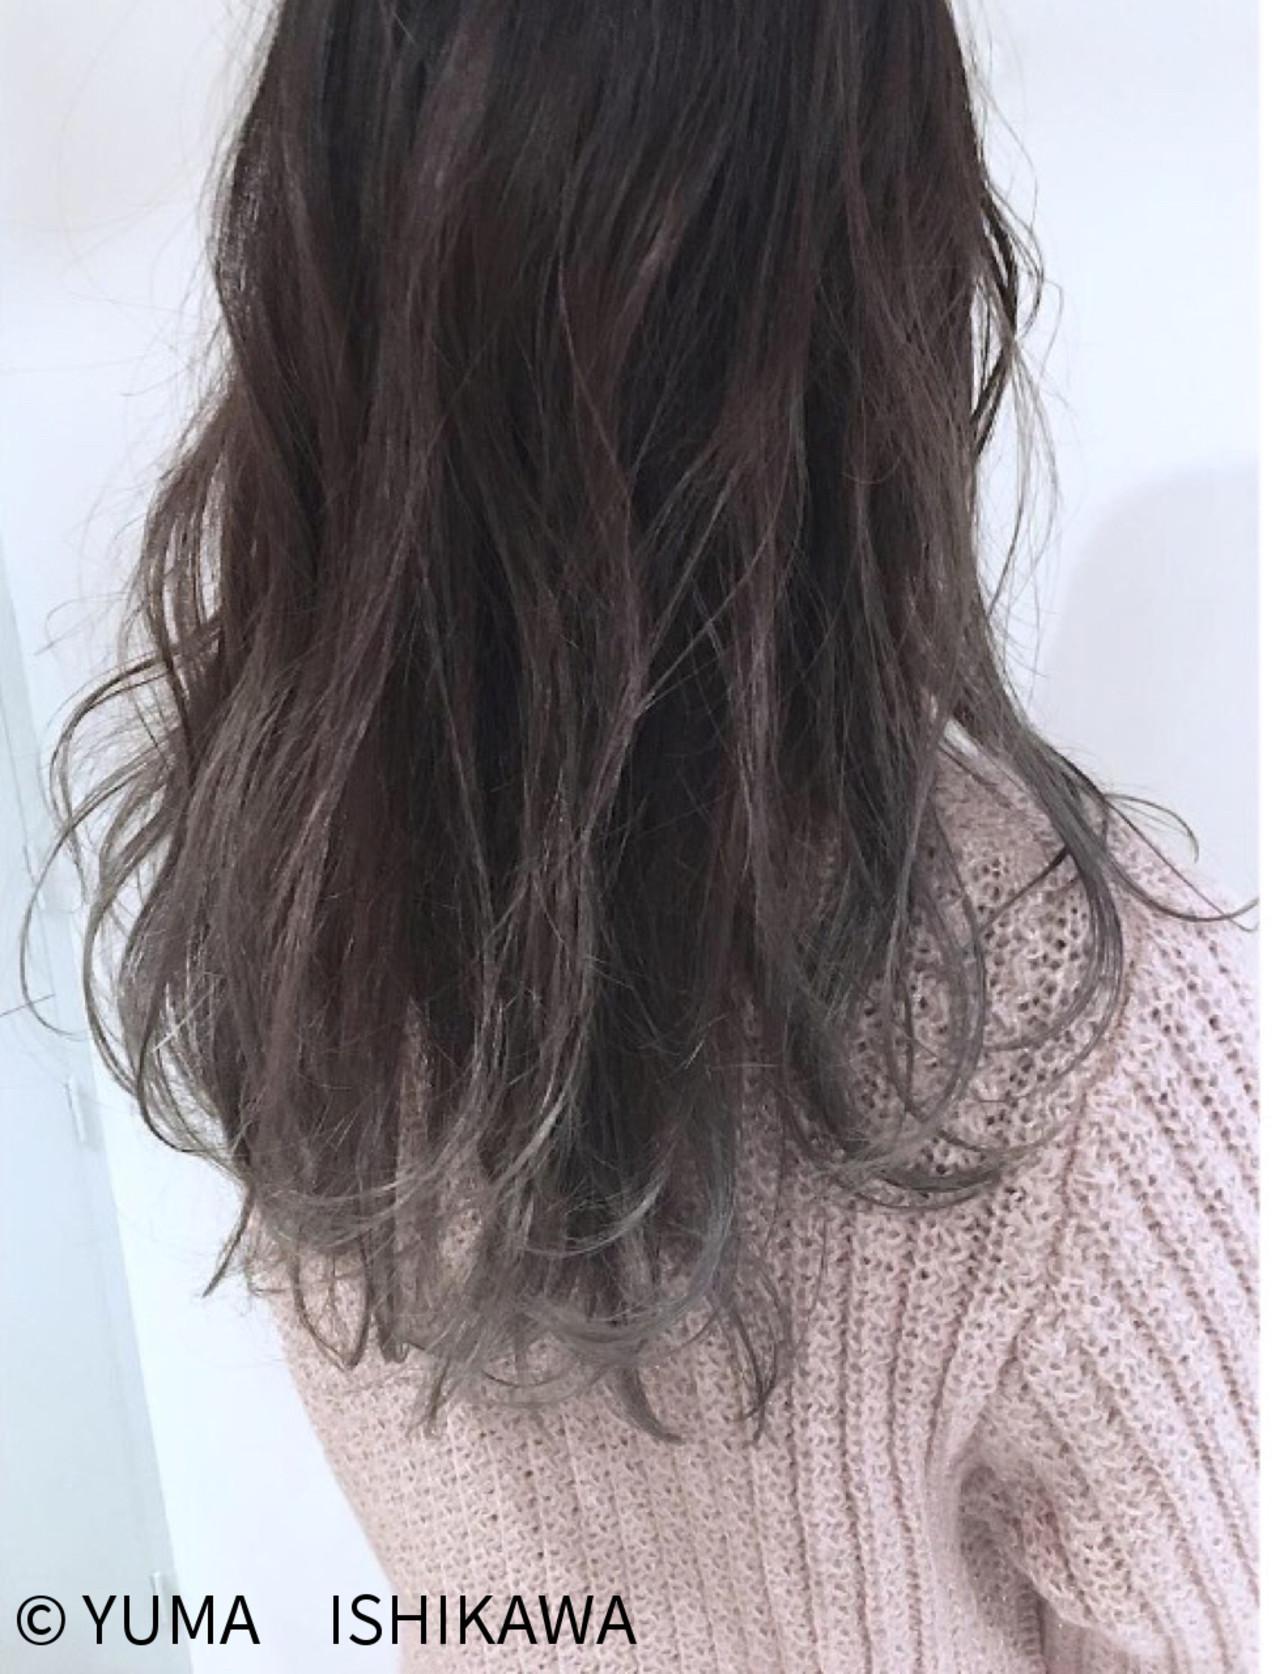 暗めグラデーションカラーの人気色② NORA / YUMA ISHIKAWA | NORA HAIR SALON